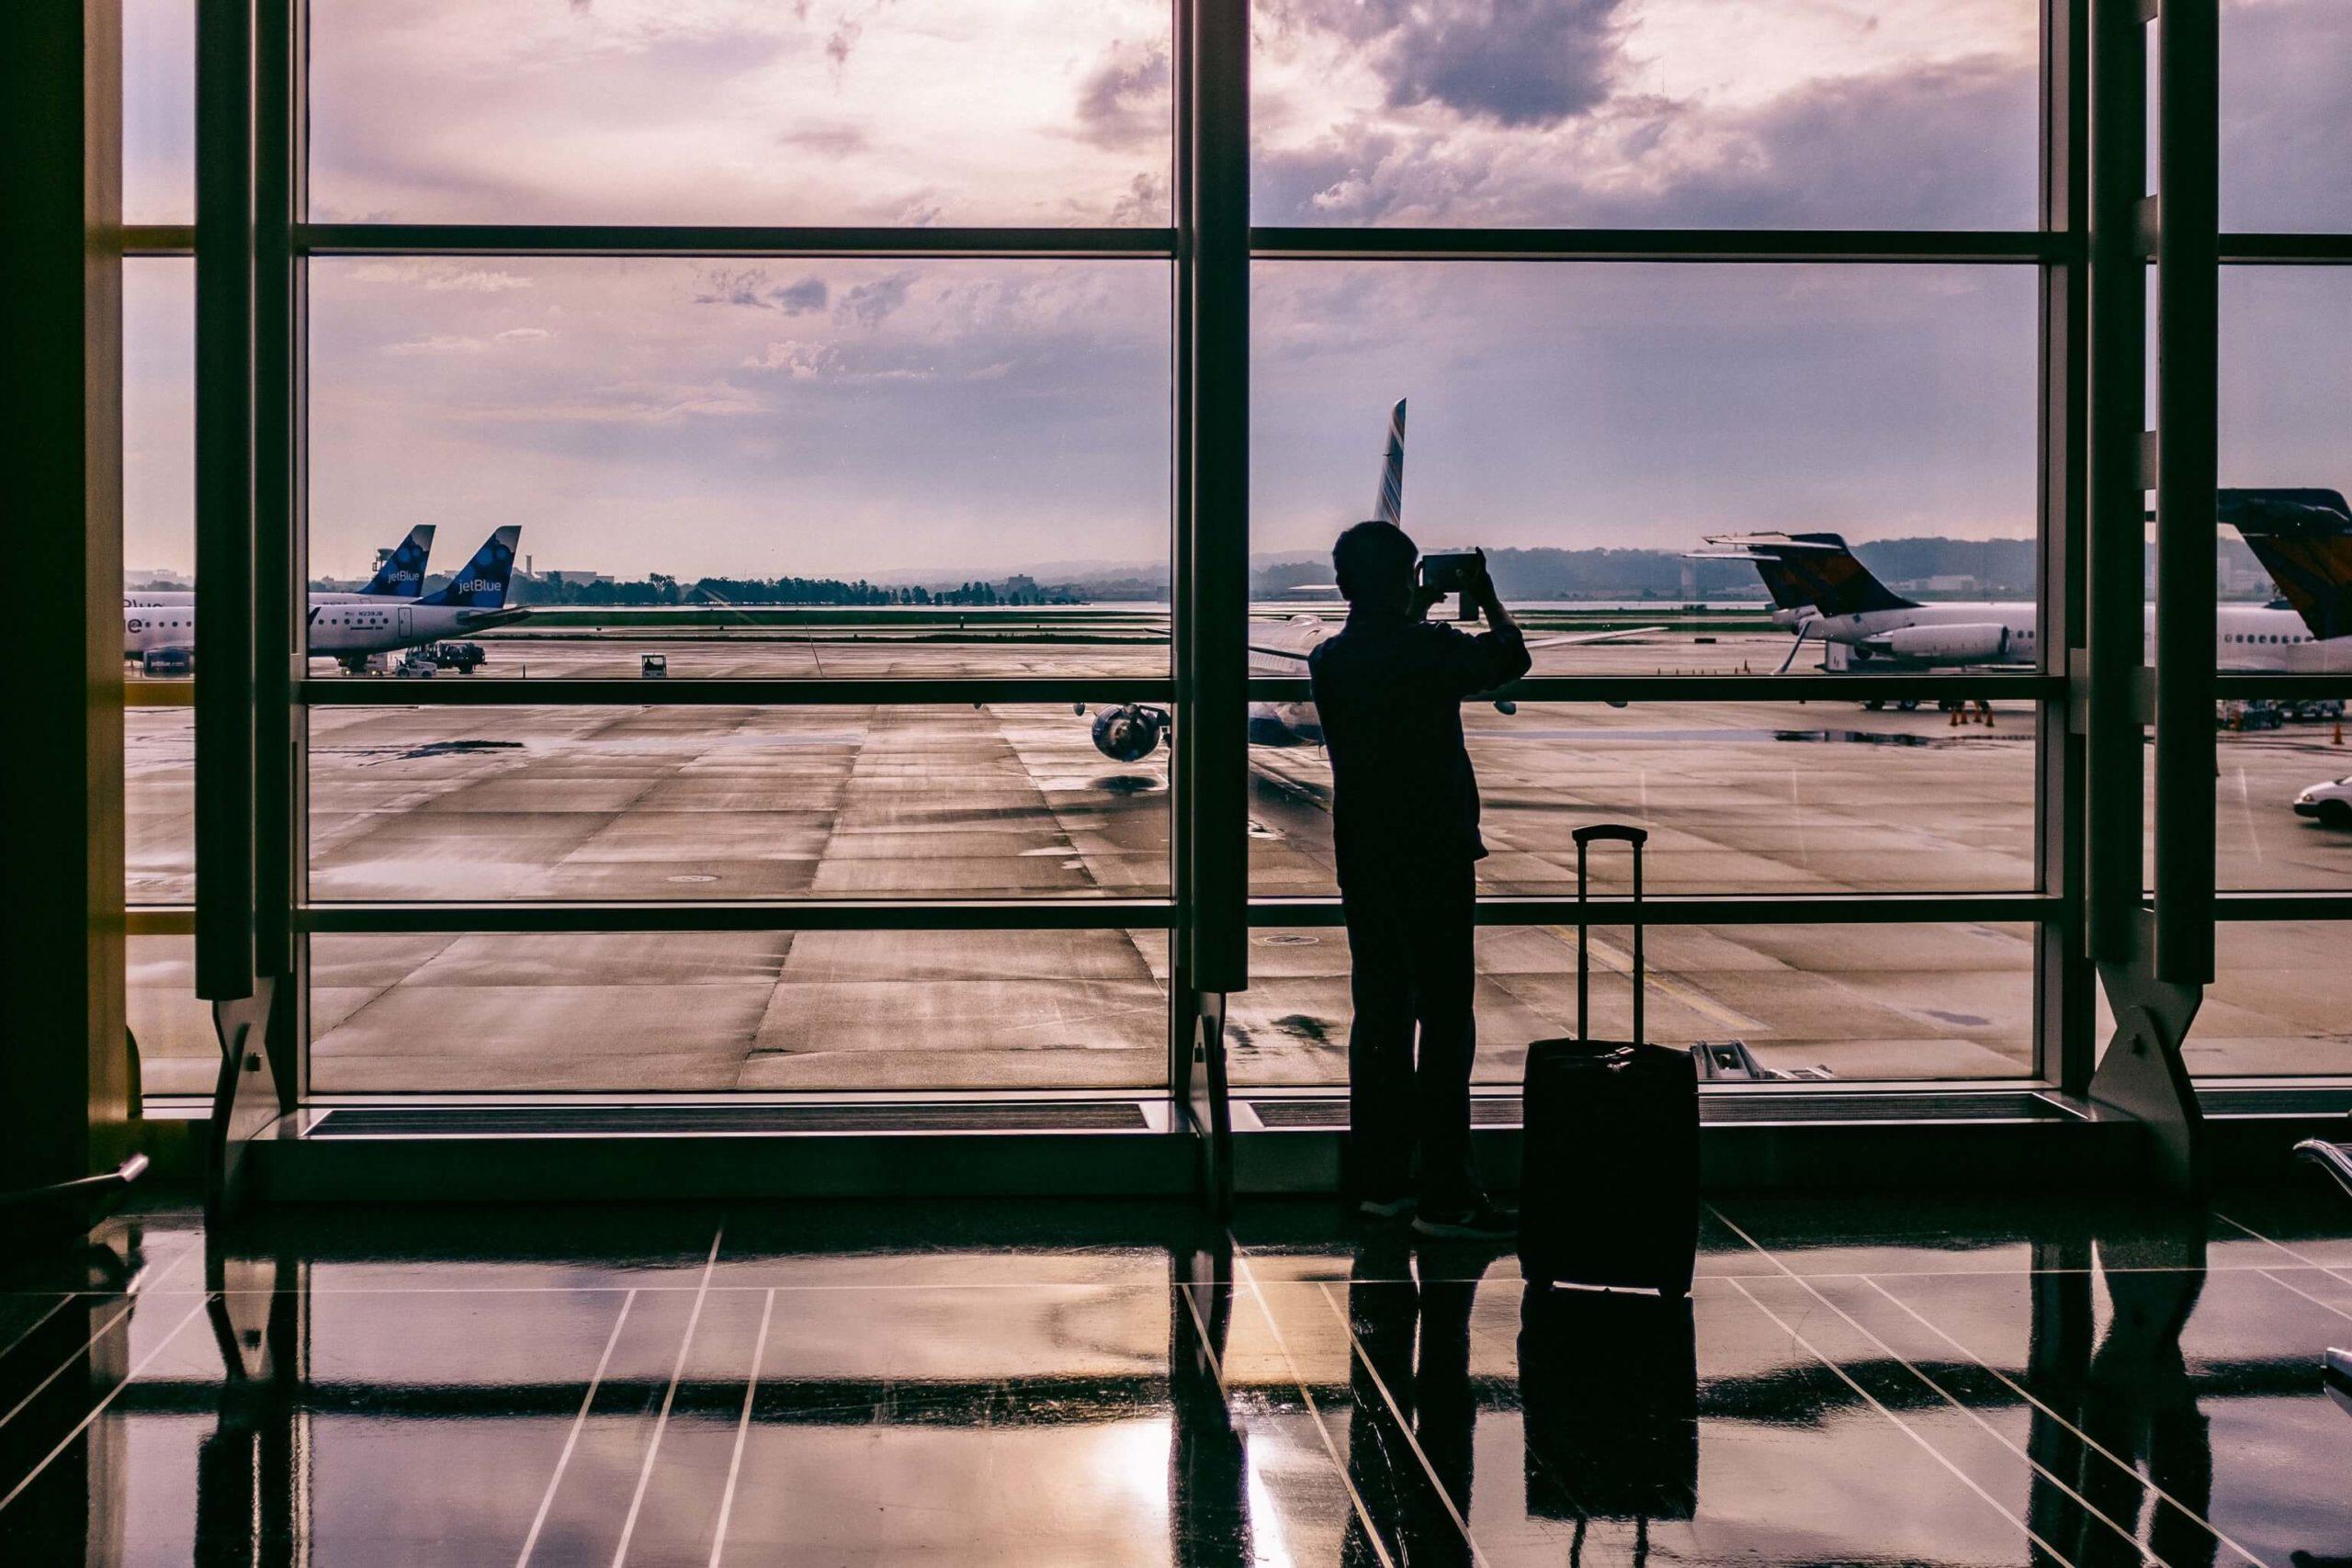 Protocolo IATA, viajar en avión después del coronavirus – Bichito viajero